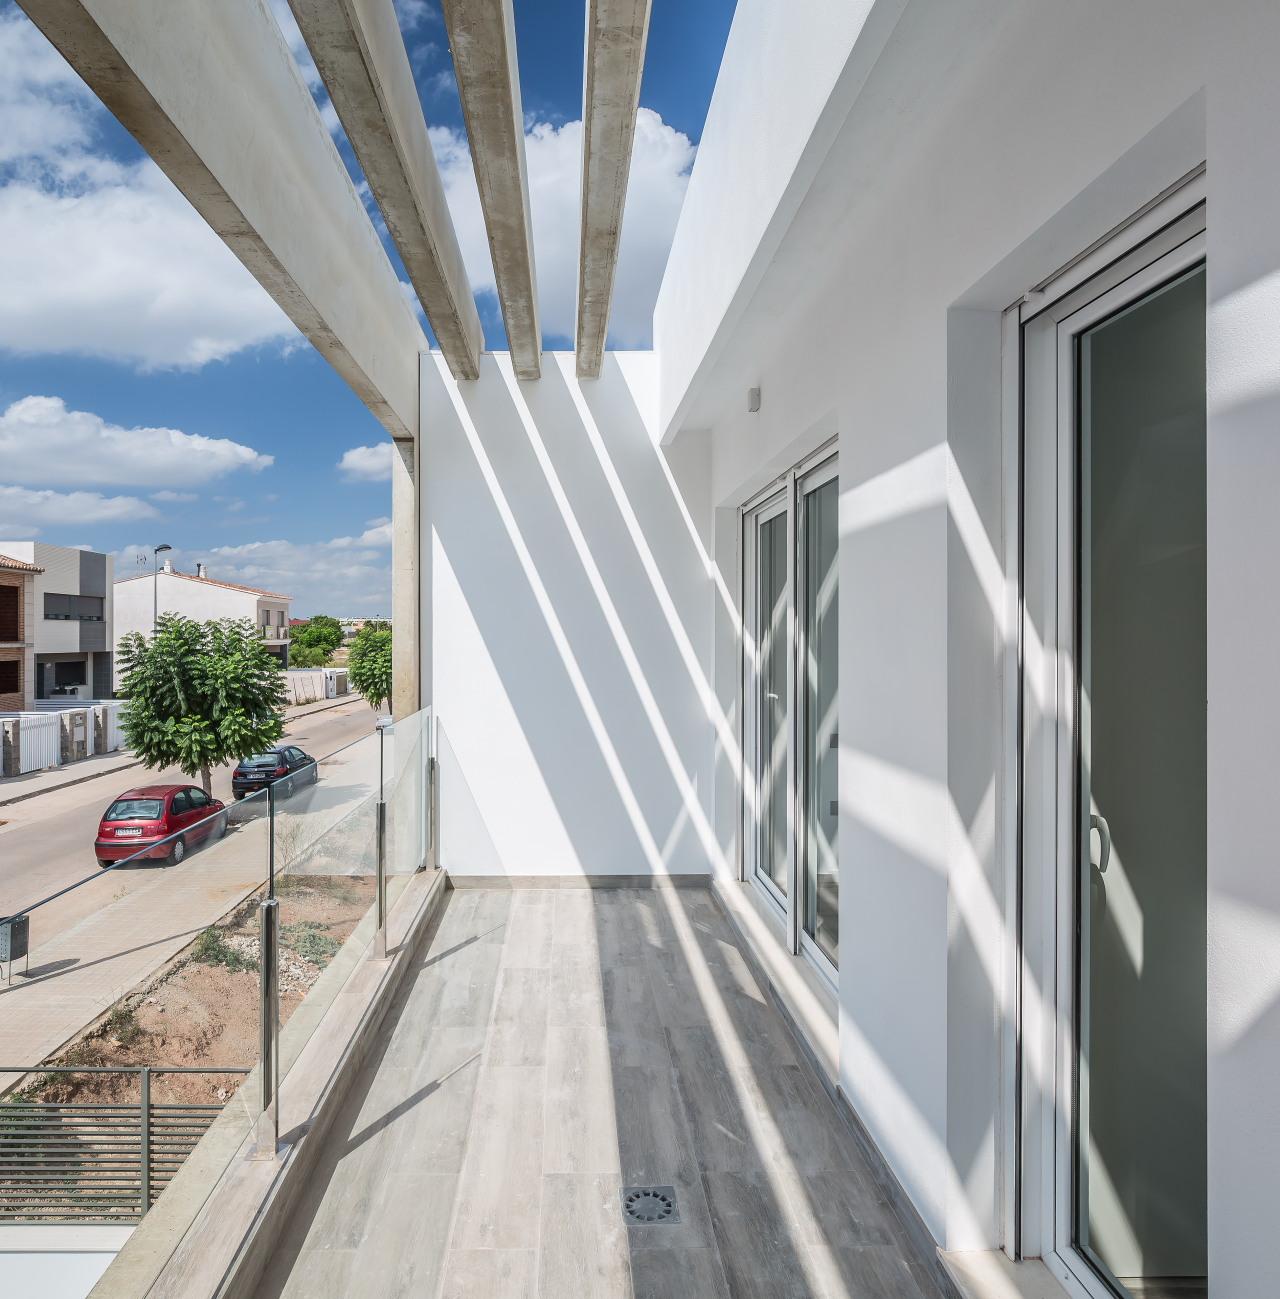 fotografia-arquitectura-valencia-puig-german-cabo-viraje-v15 (20)